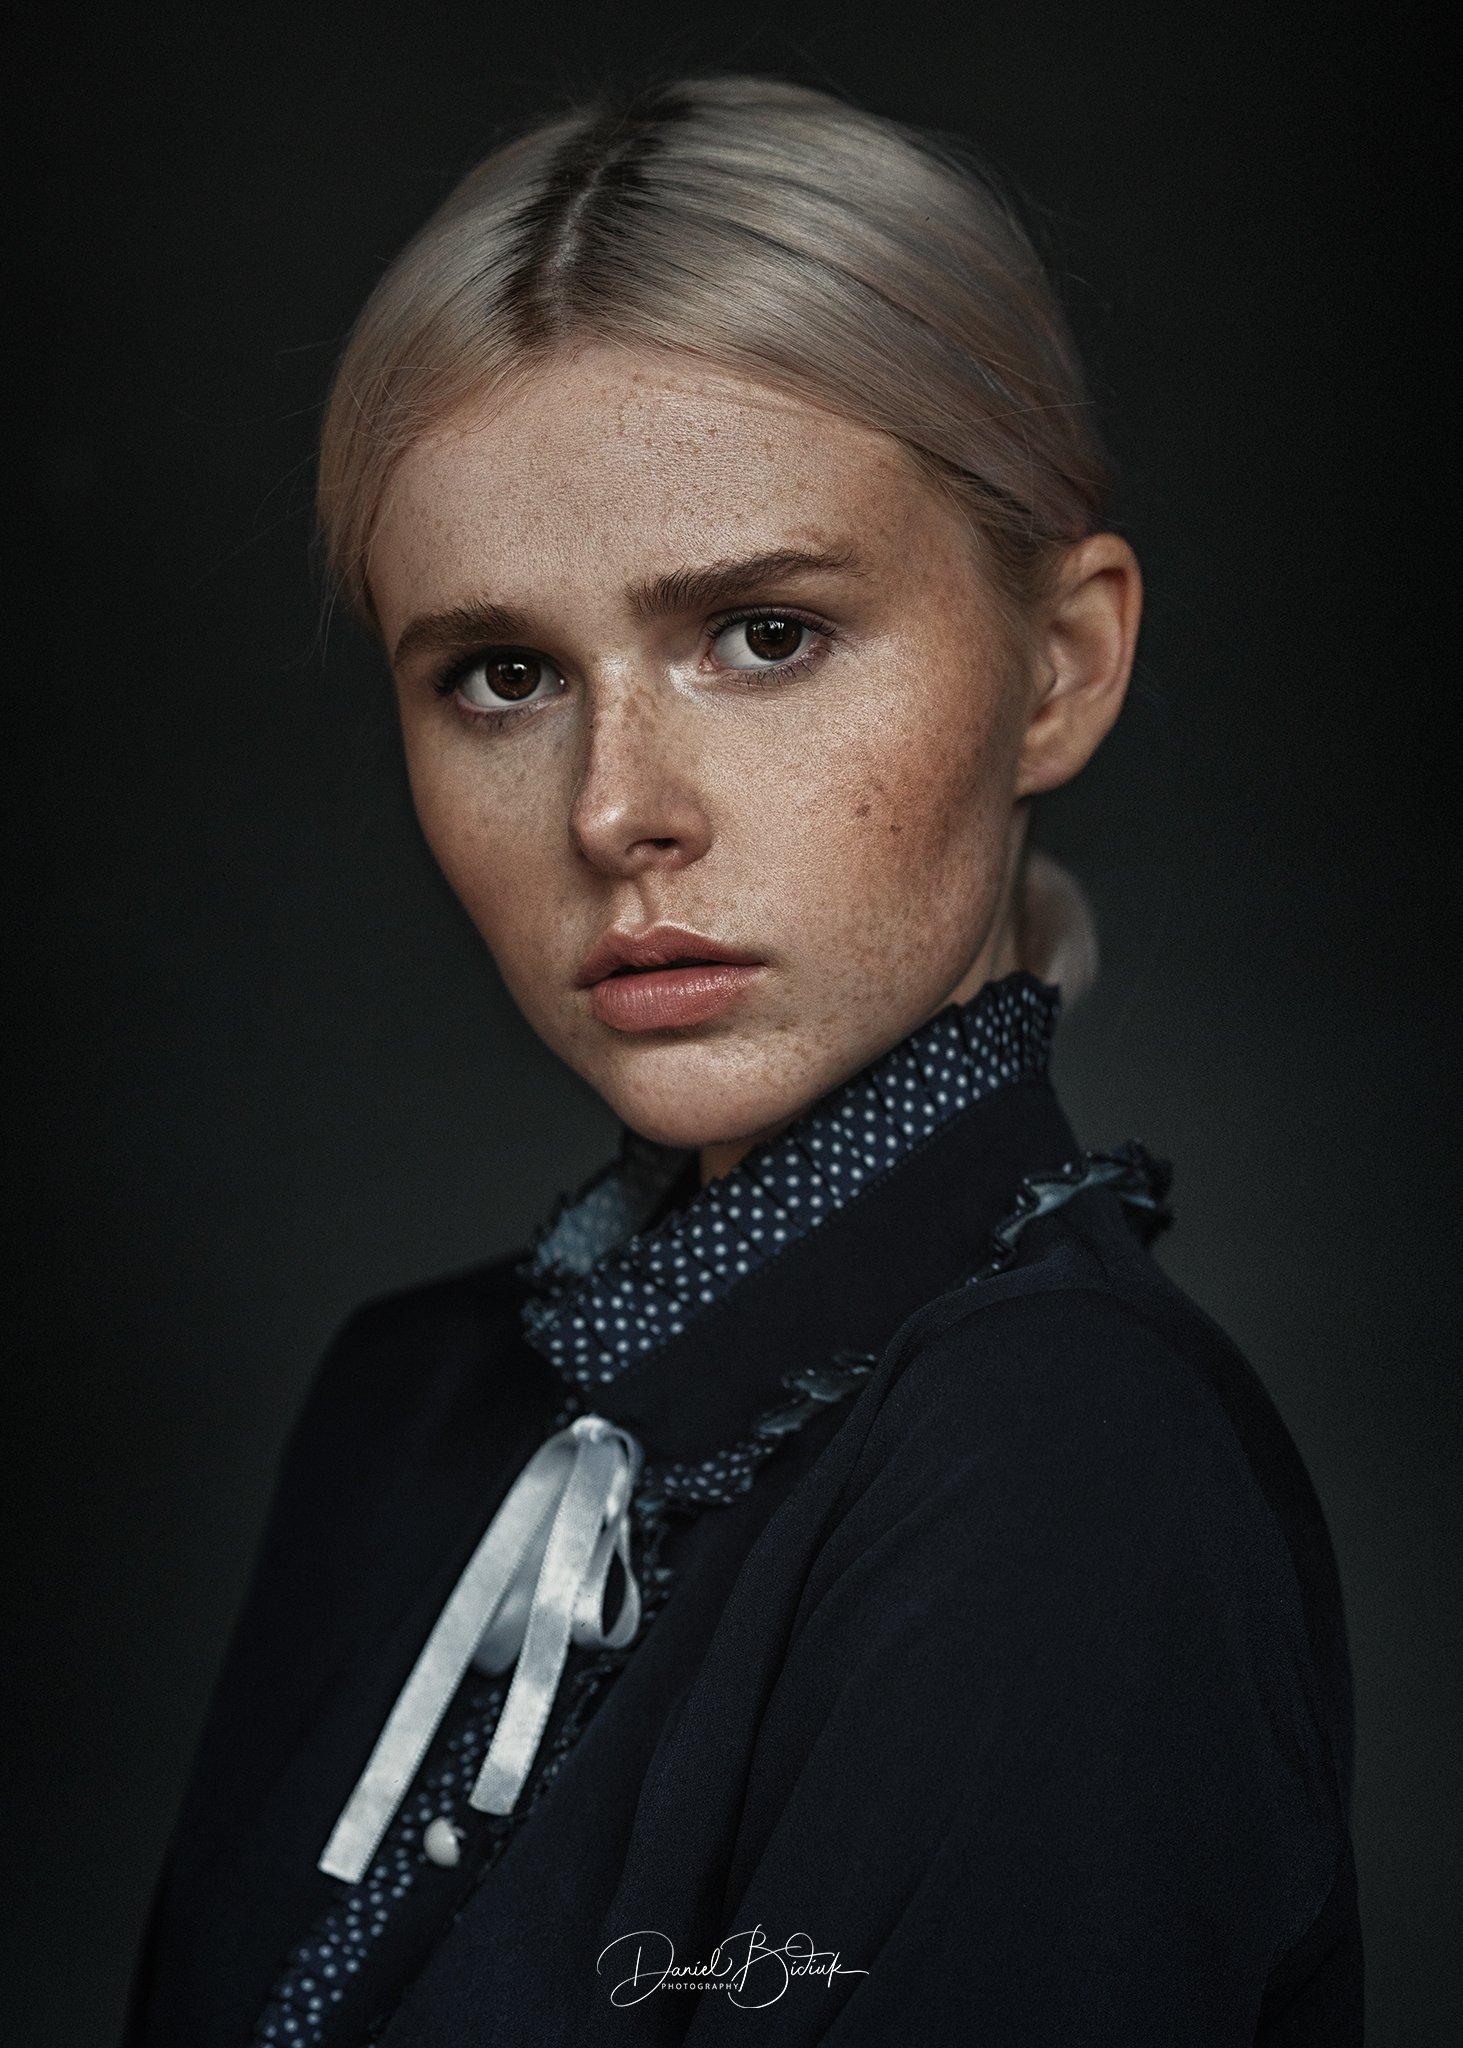 portrait, Daniel Bidiuk